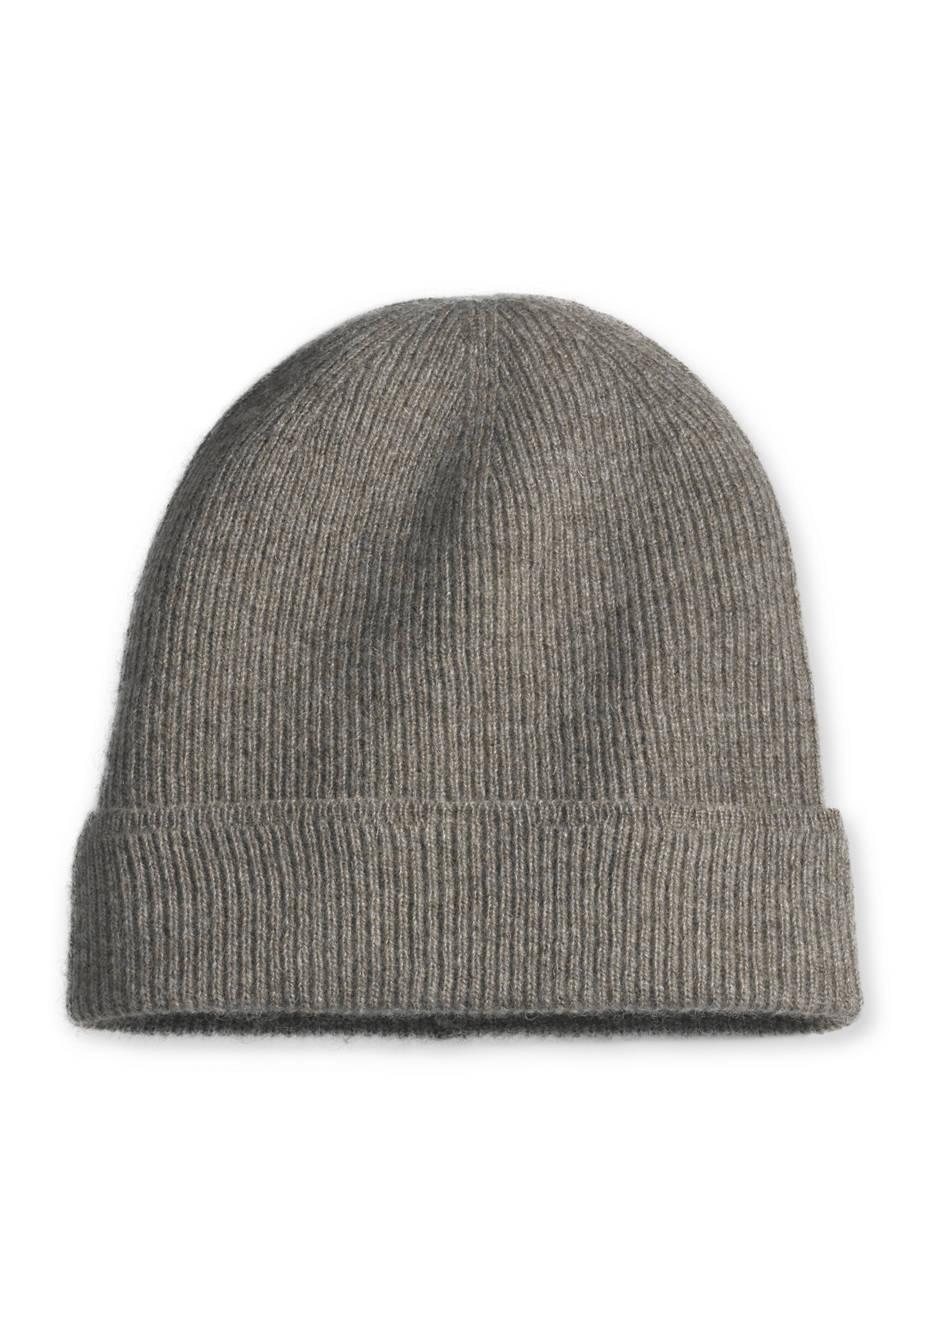 Mütze aus reiner Yakwolle